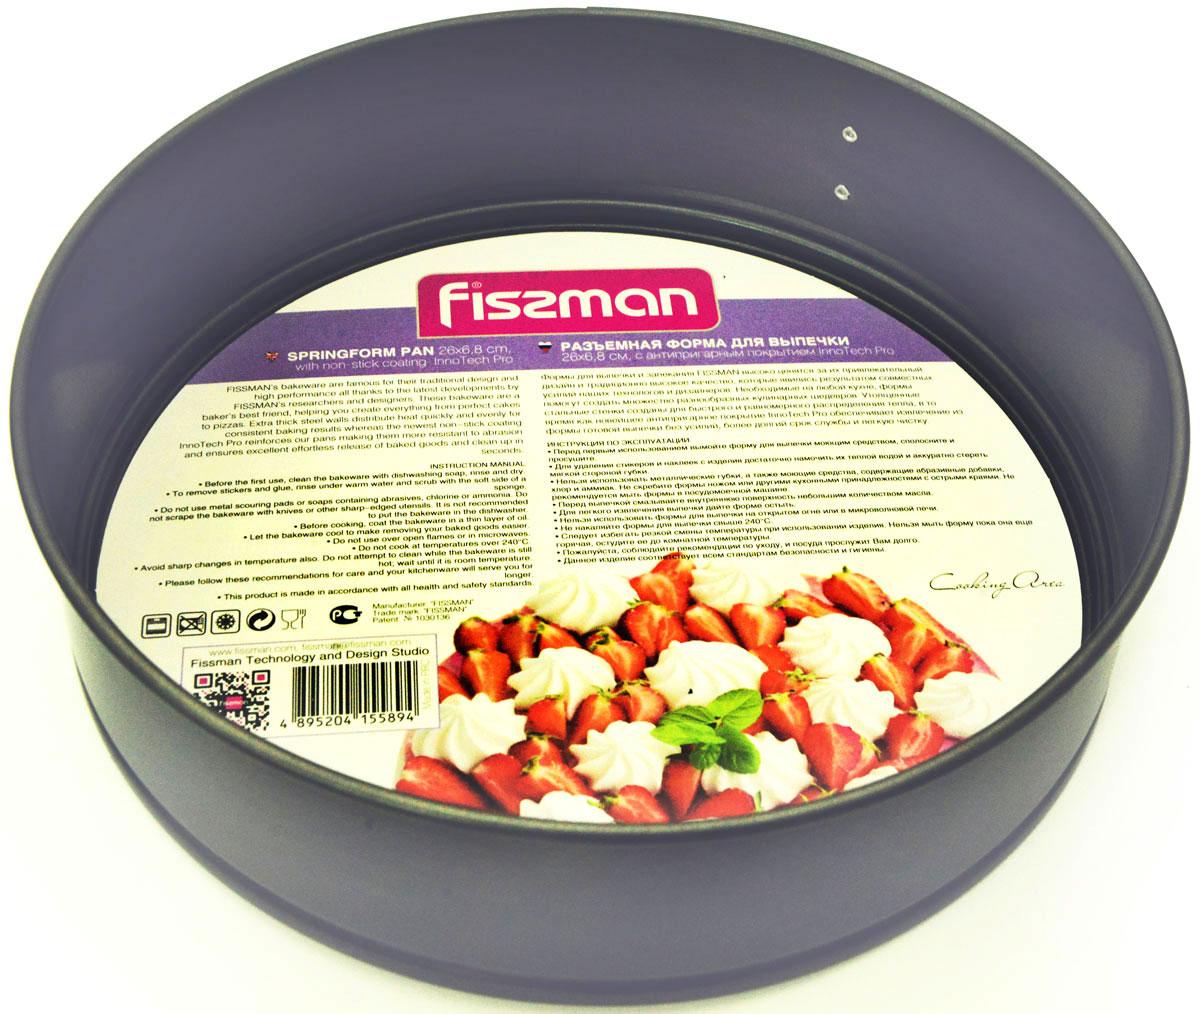 Форма для выпечки Fissman, разъемная, с антипригарным покрытием, диаметр 26 смBW-5589.26Перед первым использованием посуду следует помыть и протереть сухой тряпкой. Затем слегка смазать поверхность маслом или жиром, что делает антипригарное покрытие готовым к использованию и обеспечивает лучшие результаты при приготовлении пищи.